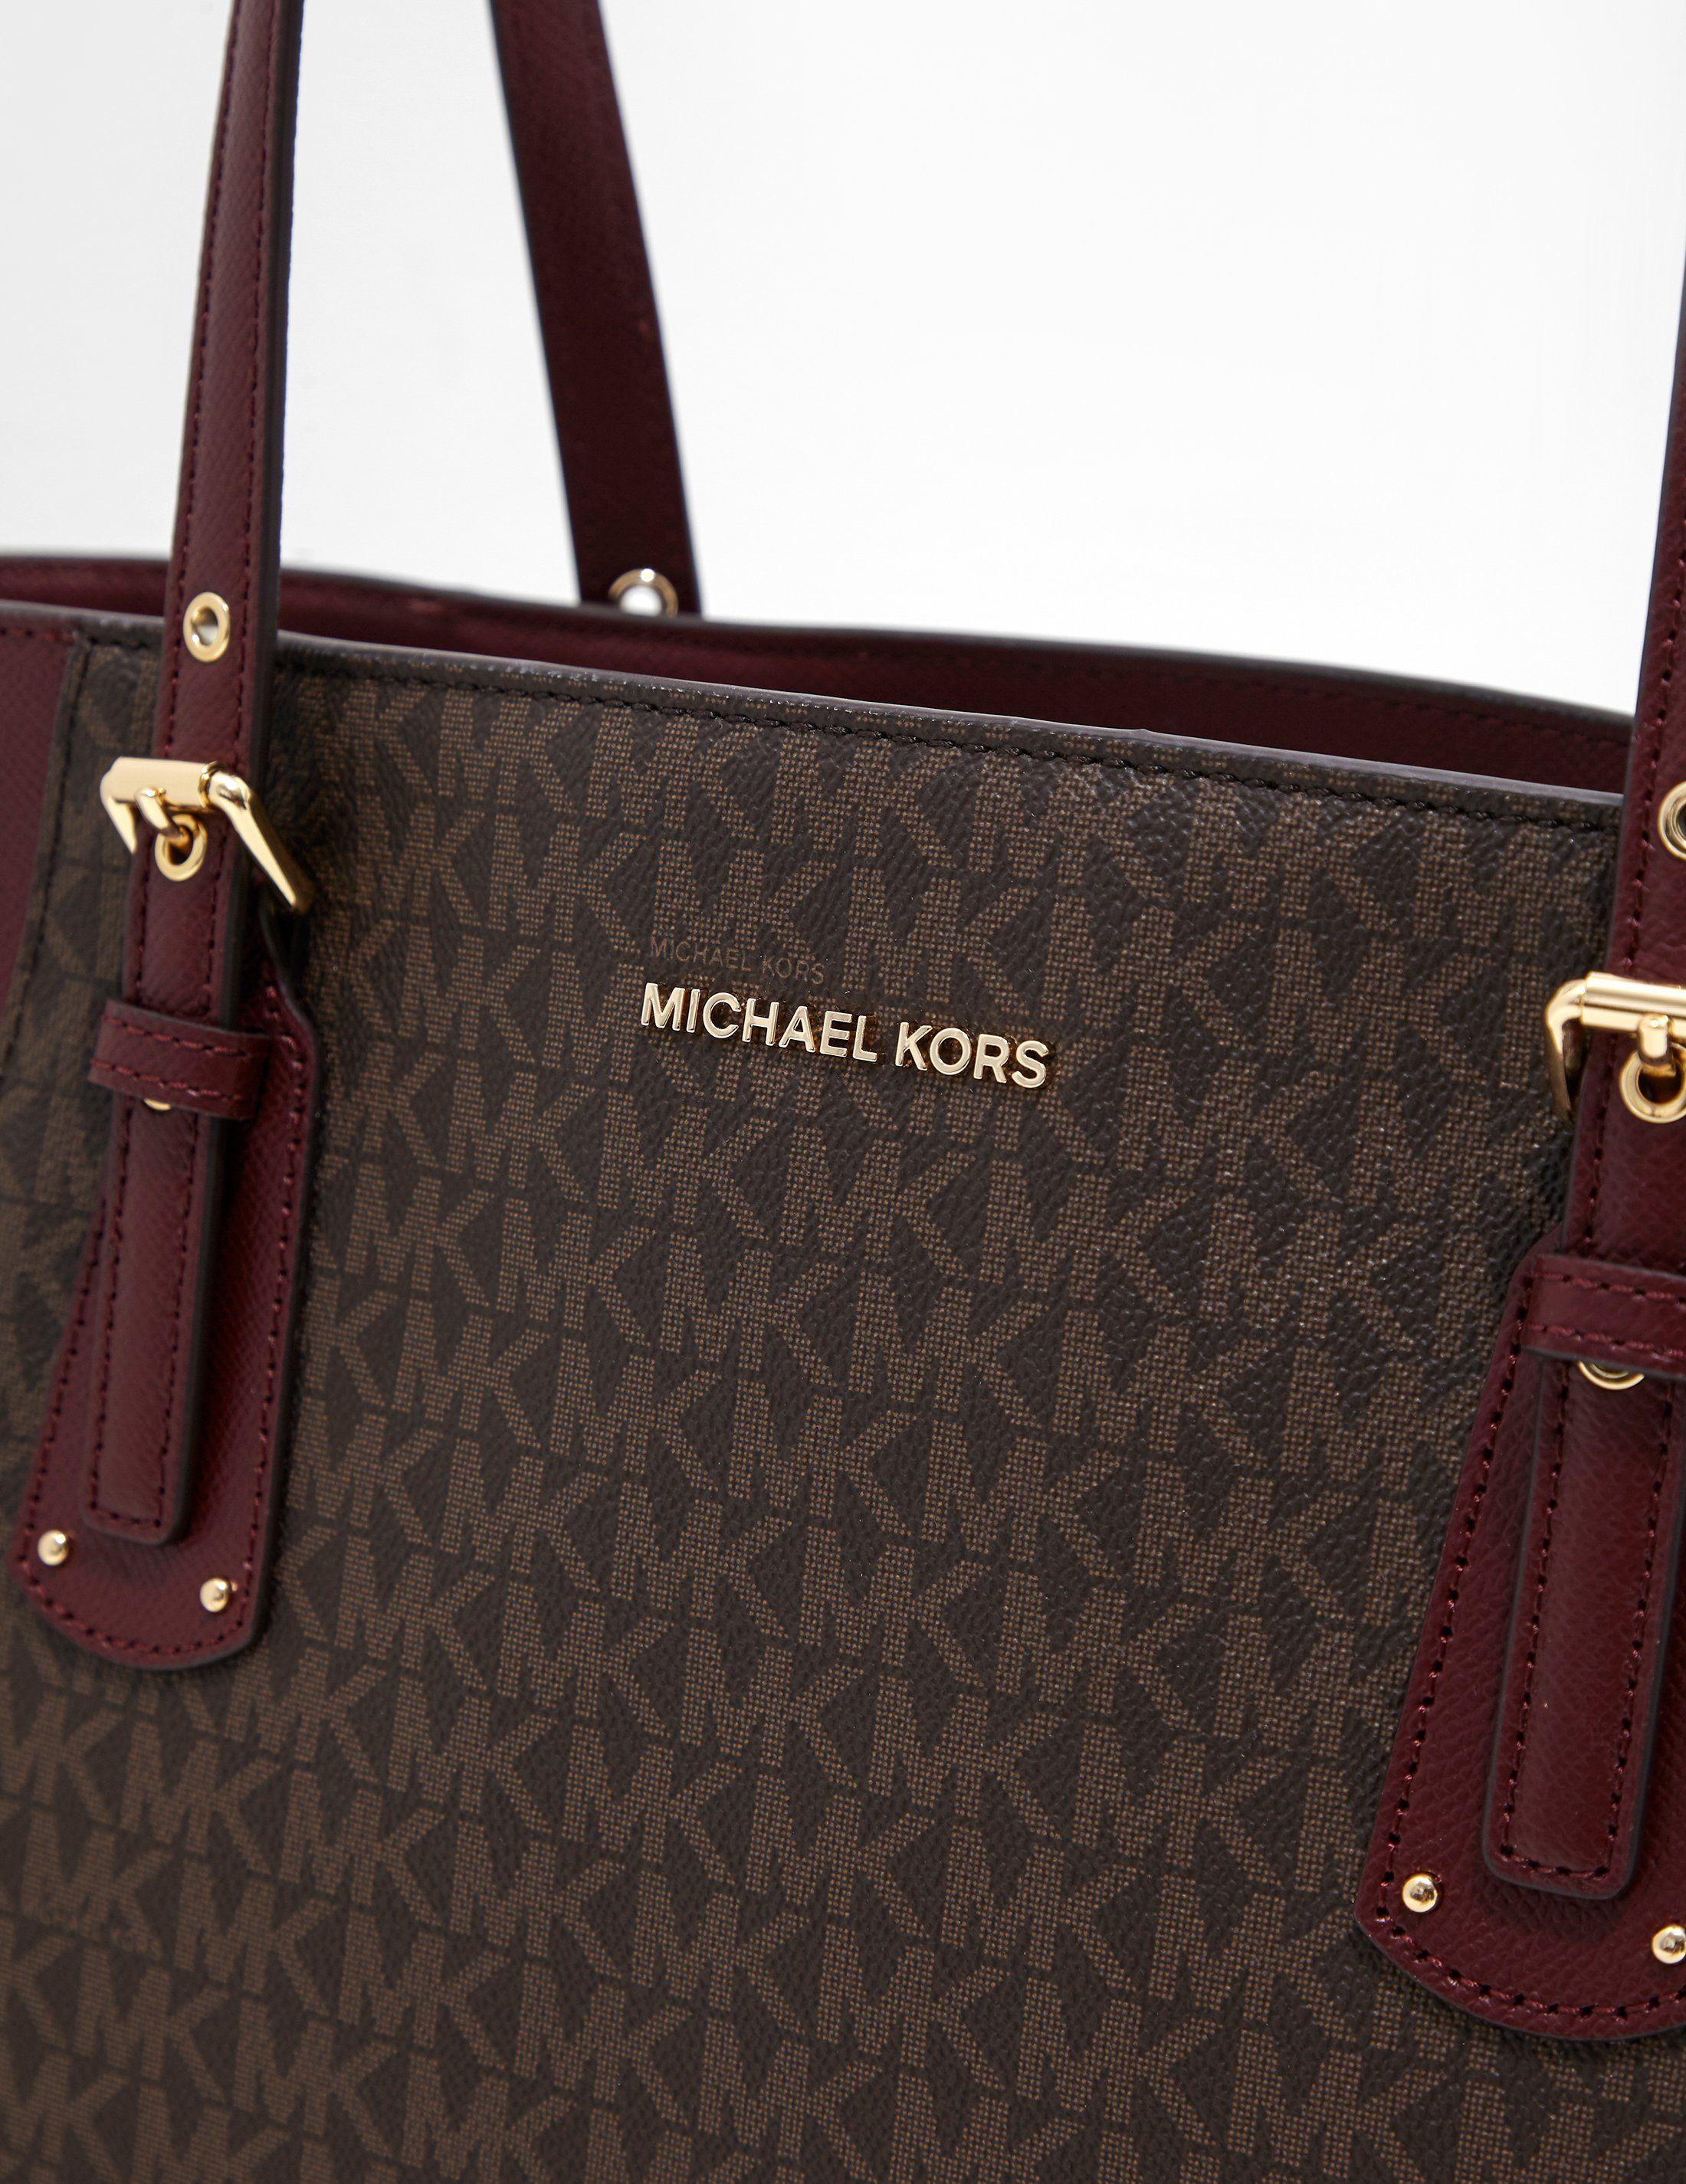 Michael Kors Voyager Signature Tote Bag